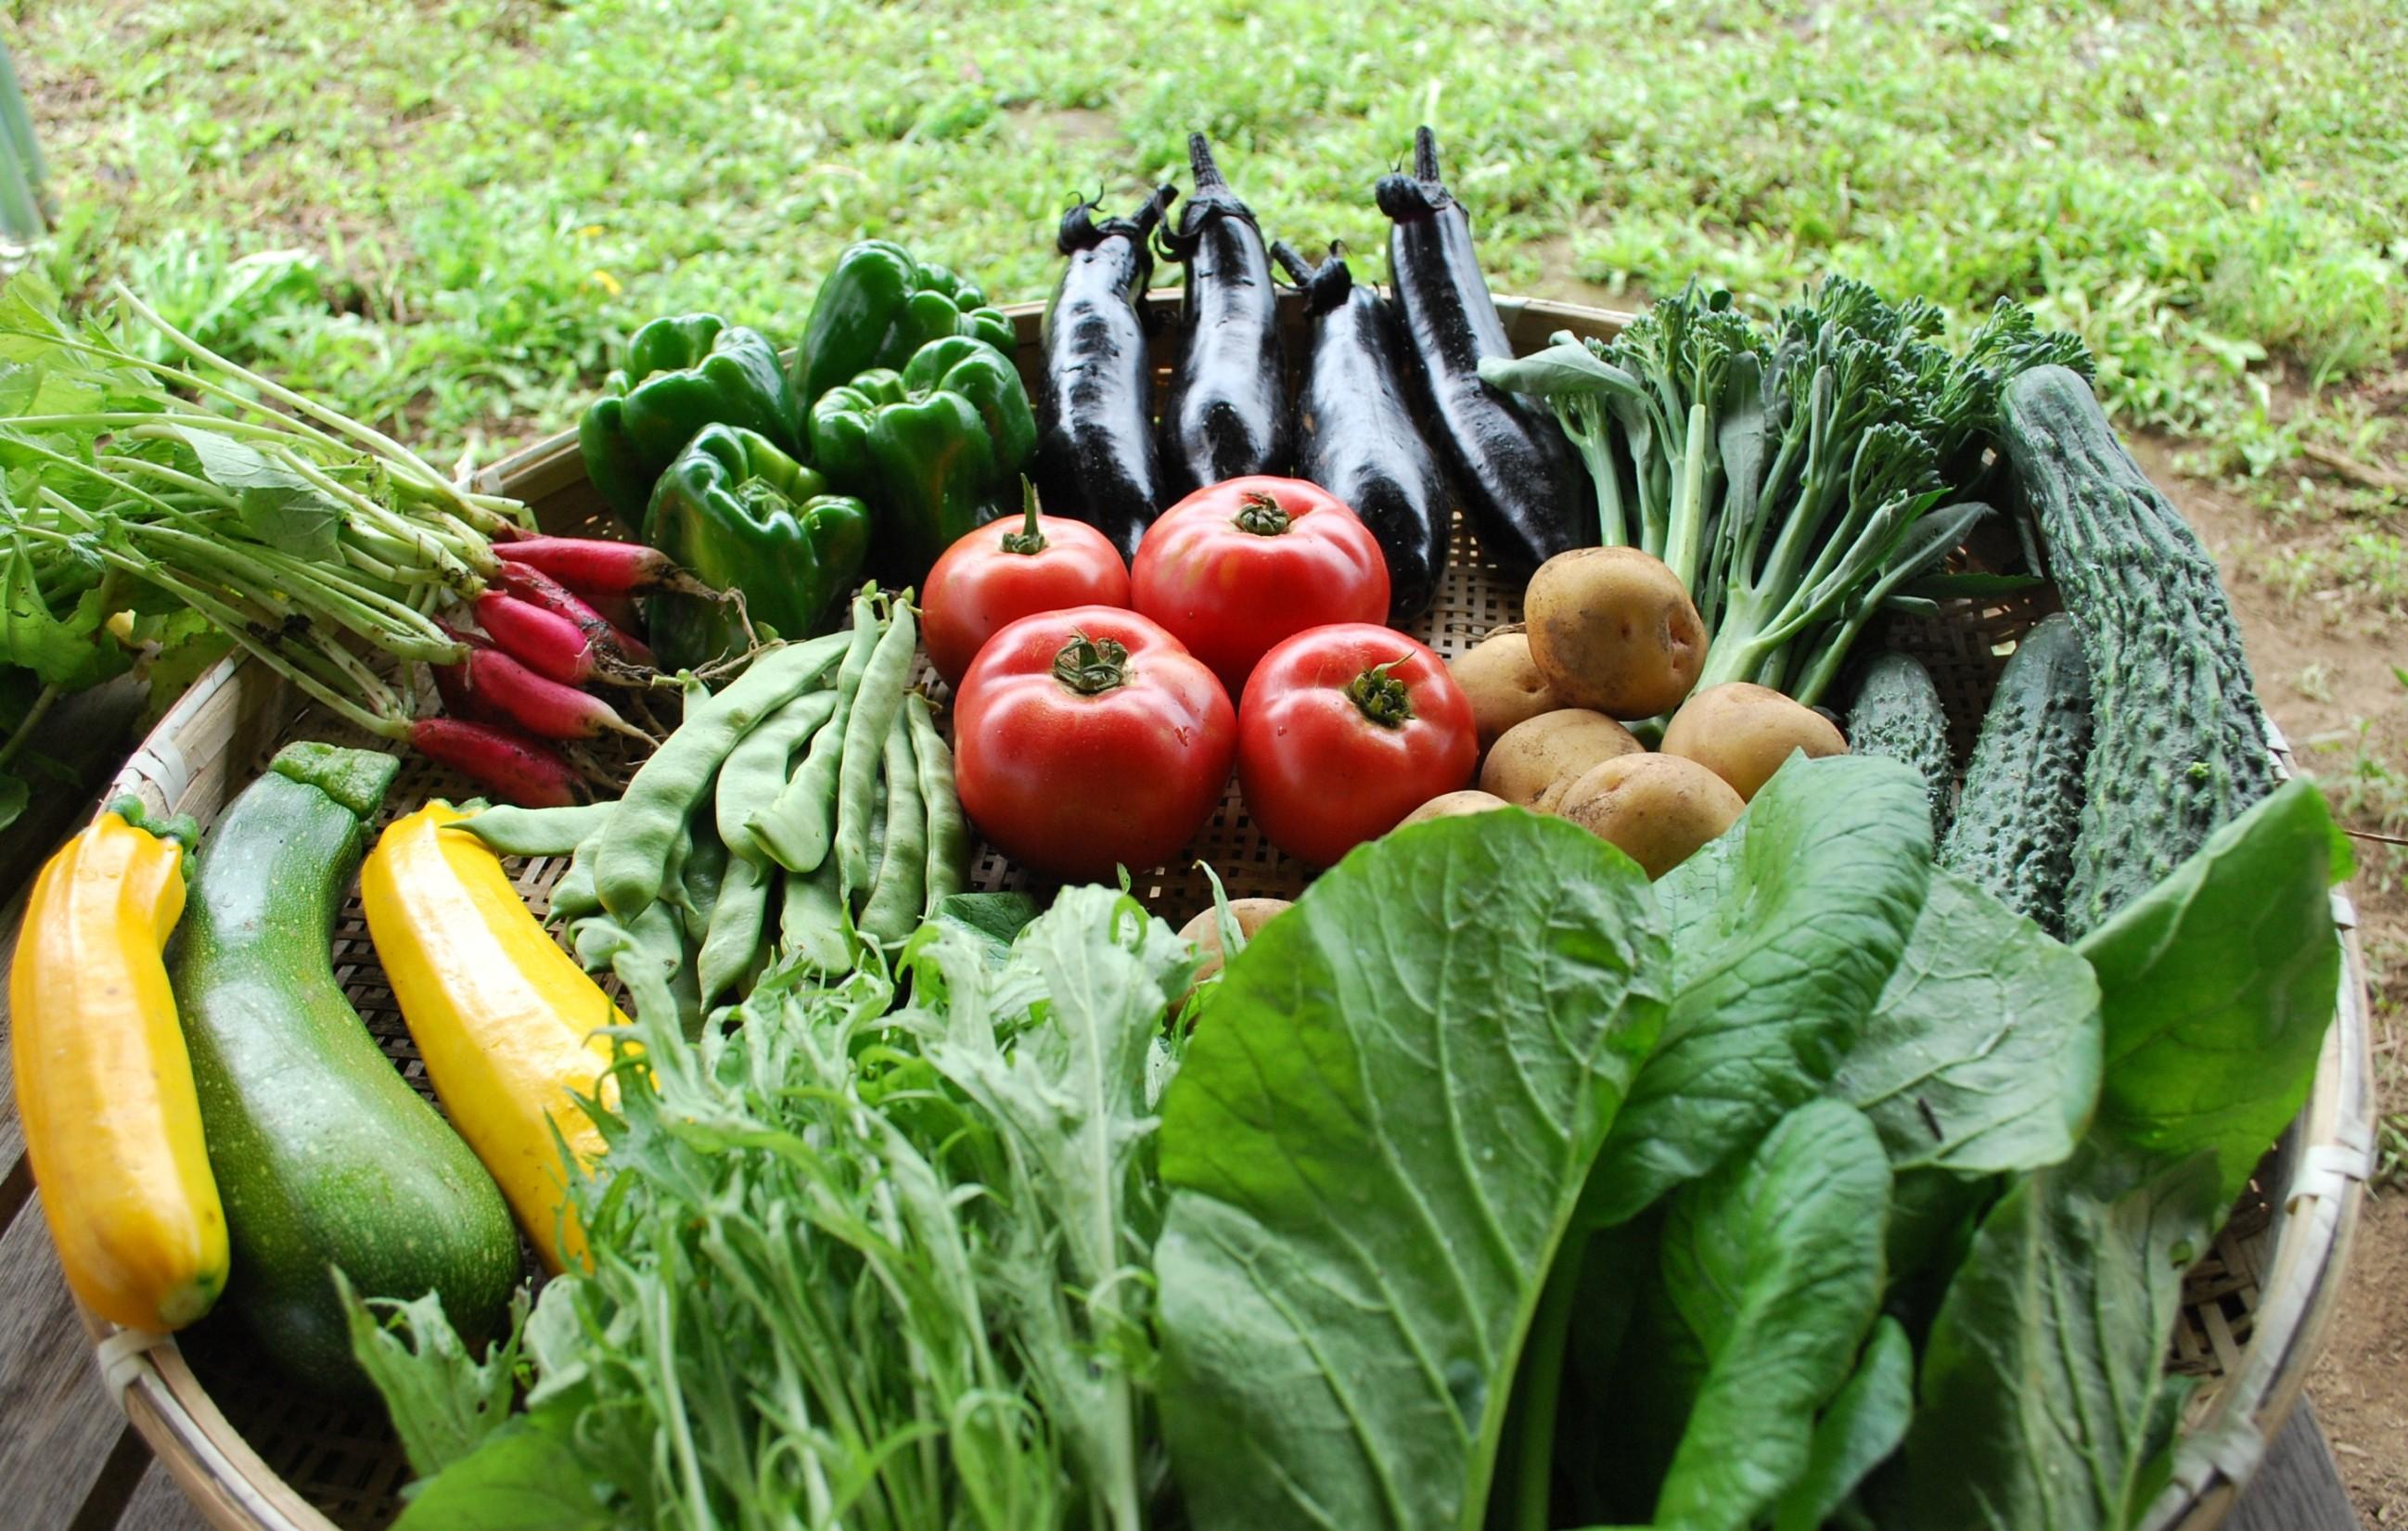 旬の有機野菜セット定期便について